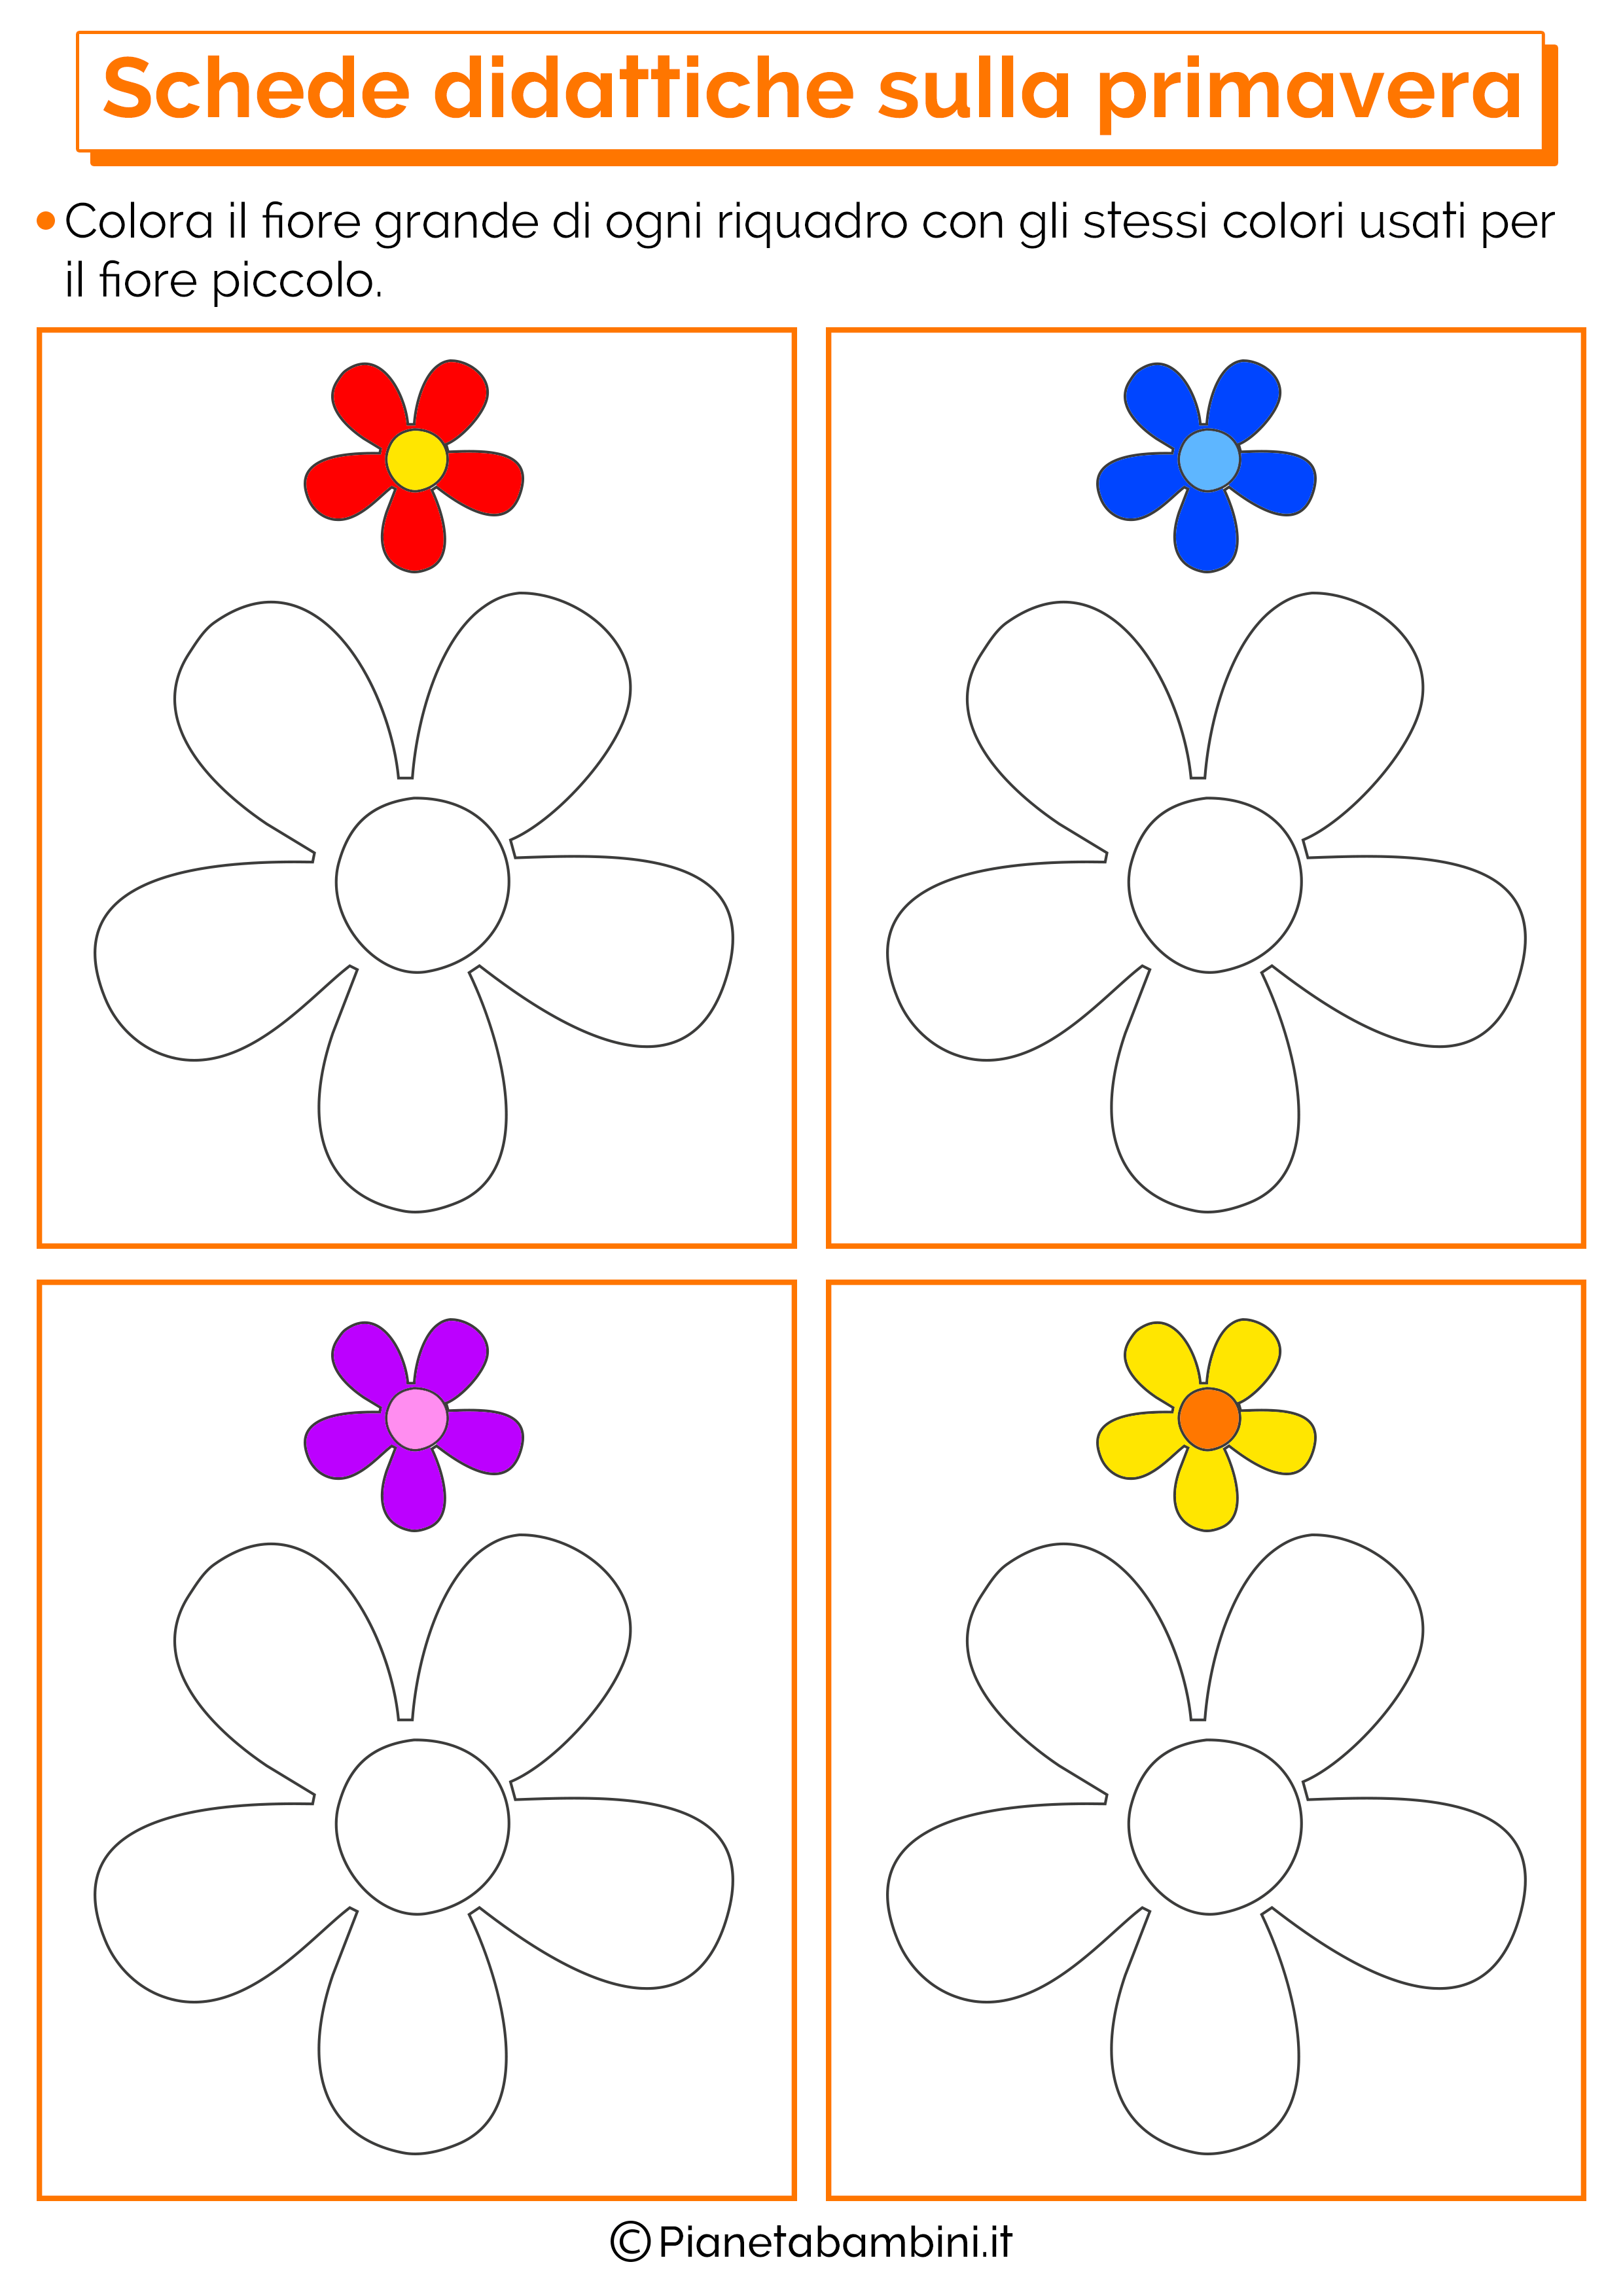 Risultati immagini per schede didattiche primavera scuola for Schede didattiche natale scuola infanzia